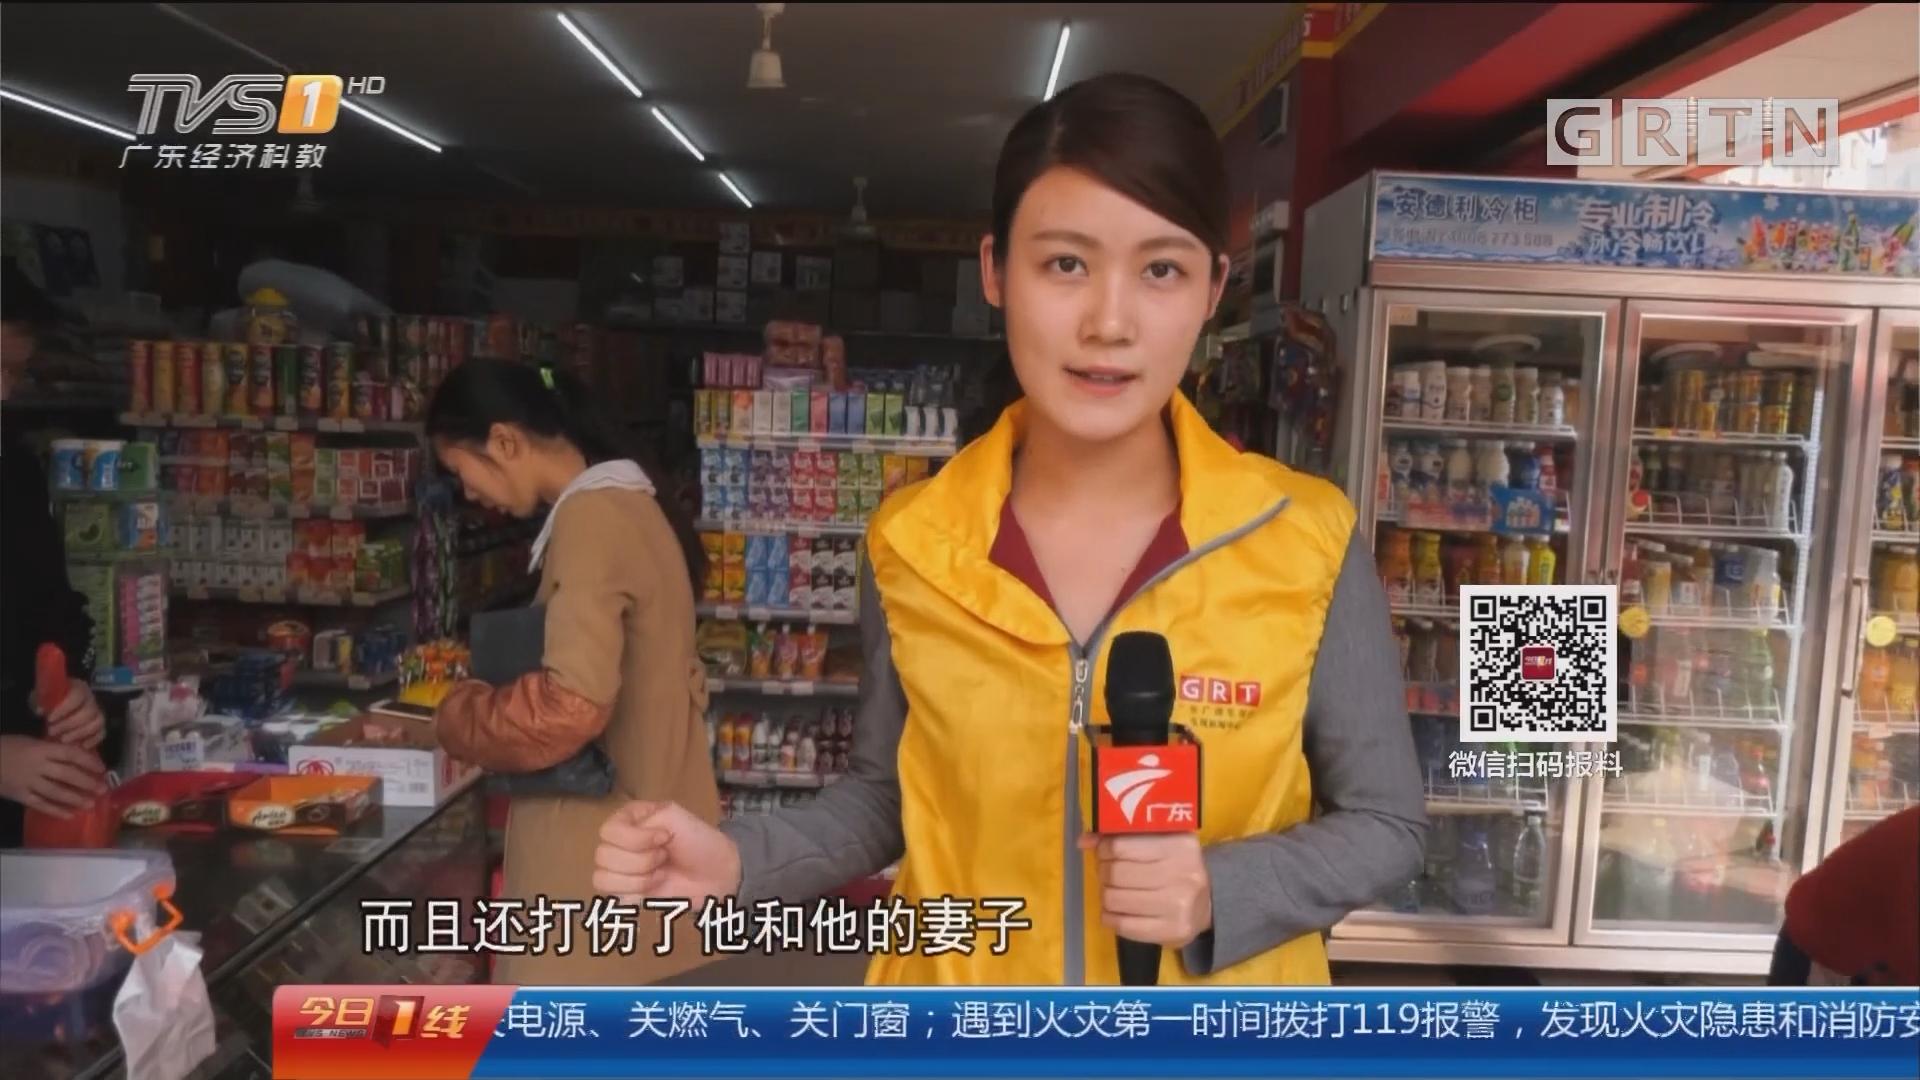 花都狮岭:一个电饭煲惹冲突 警方介入调查